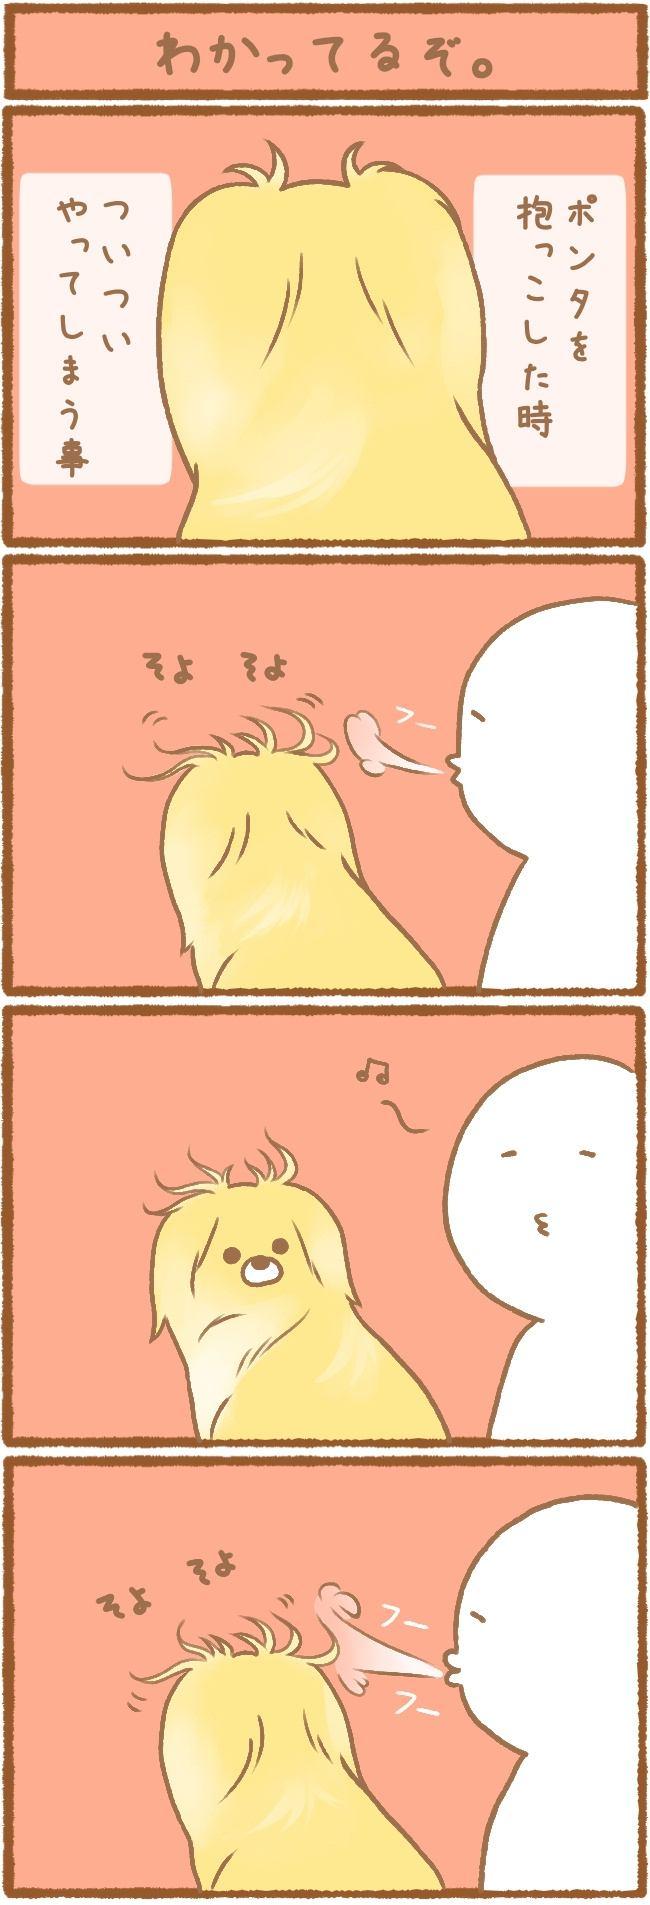 ただの犬好きです。第27話 わかってるぞ。1枚目